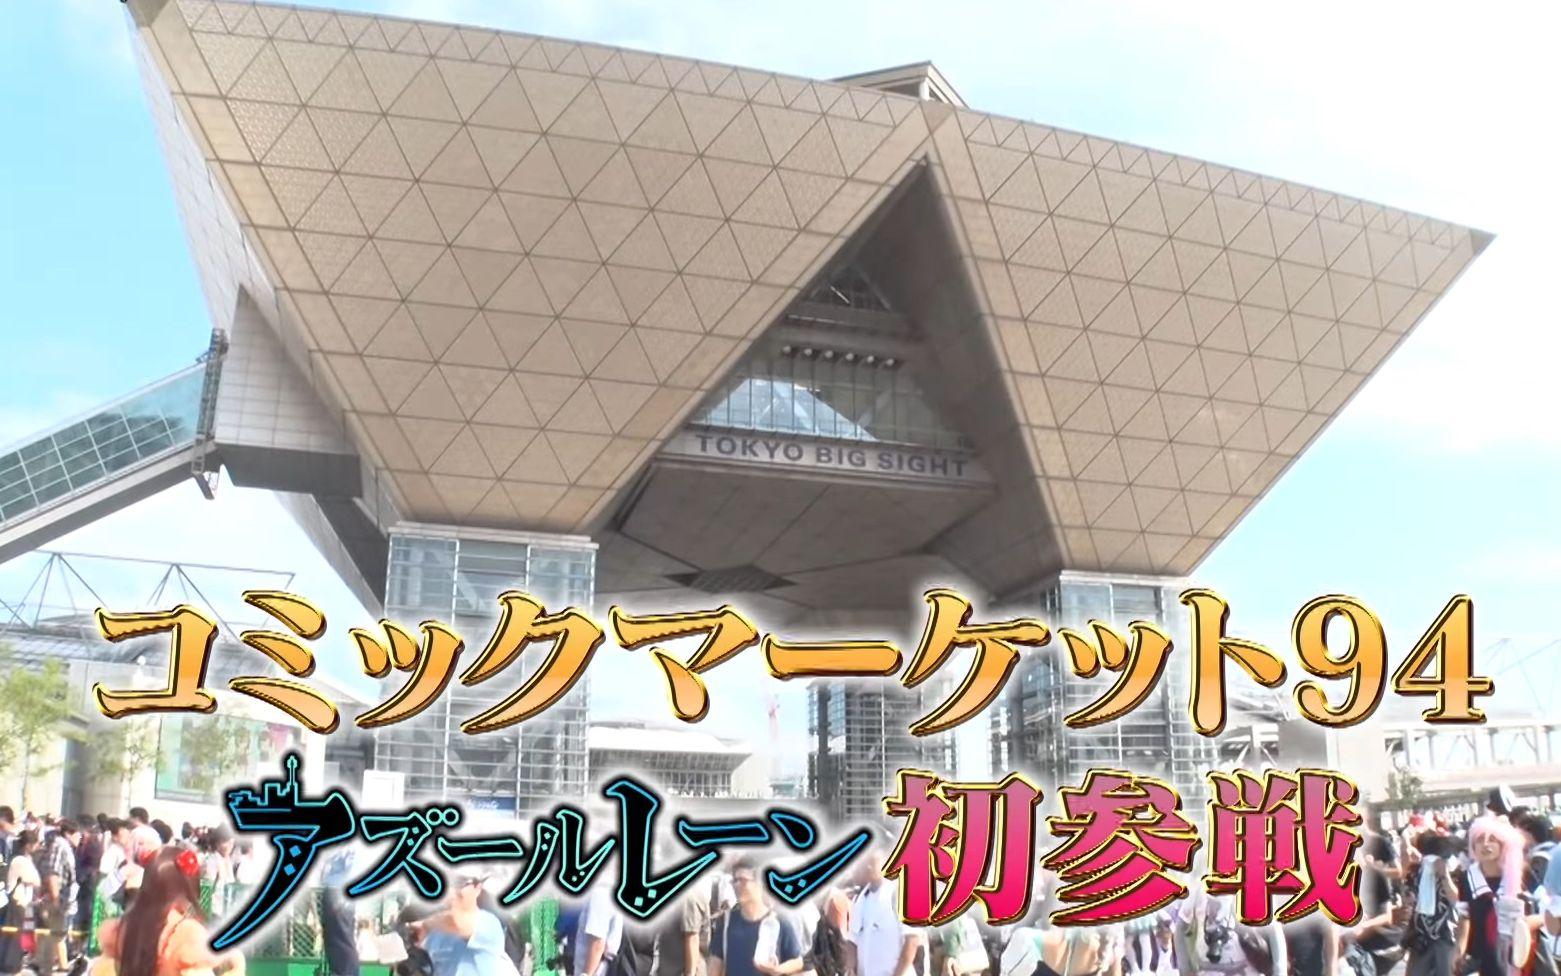 【碧蓝TV】碧蓝航线C94 & 1周年纪念活动【1080P 60fps】